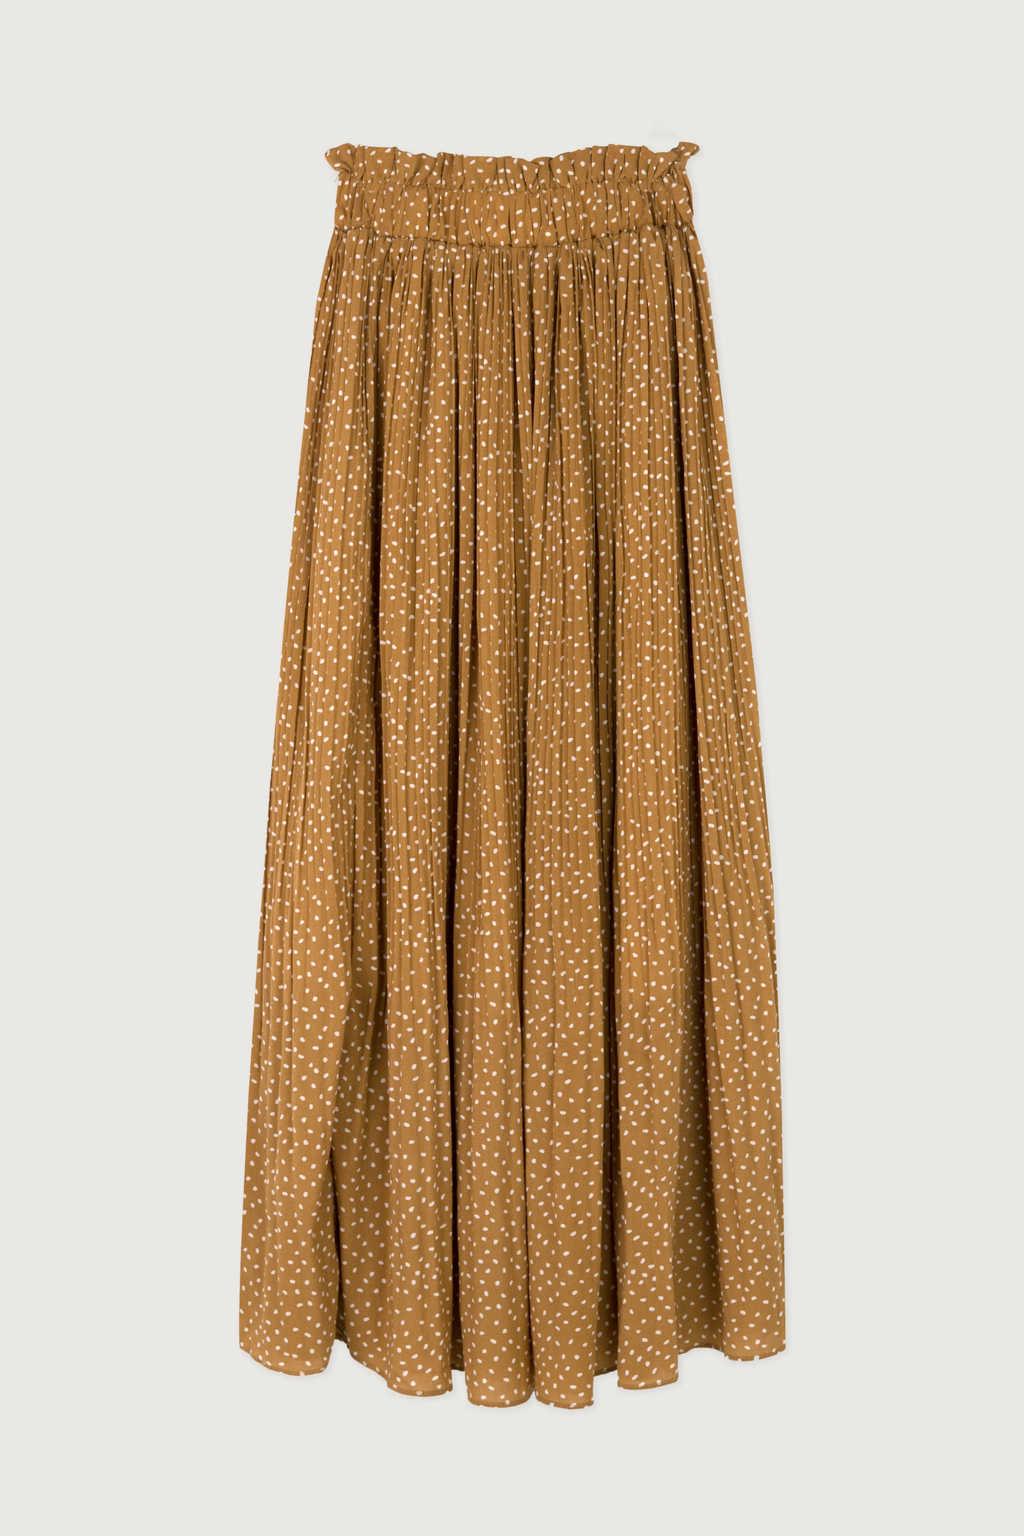 Skirt K009 Camel 5